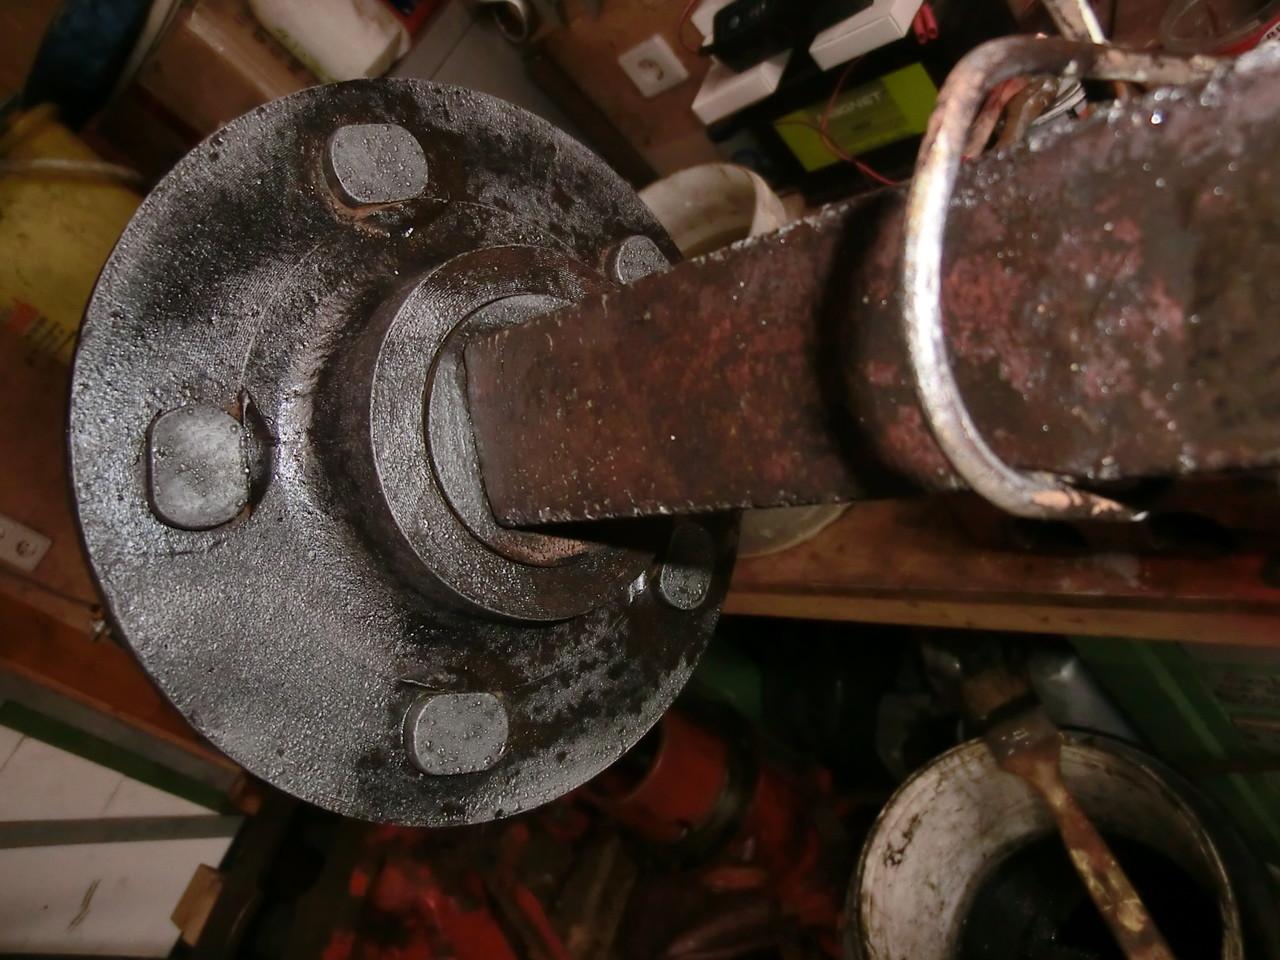 Alle Eisenteile gereinigt, teilweise chemische konserviert, grundiert und lackiert